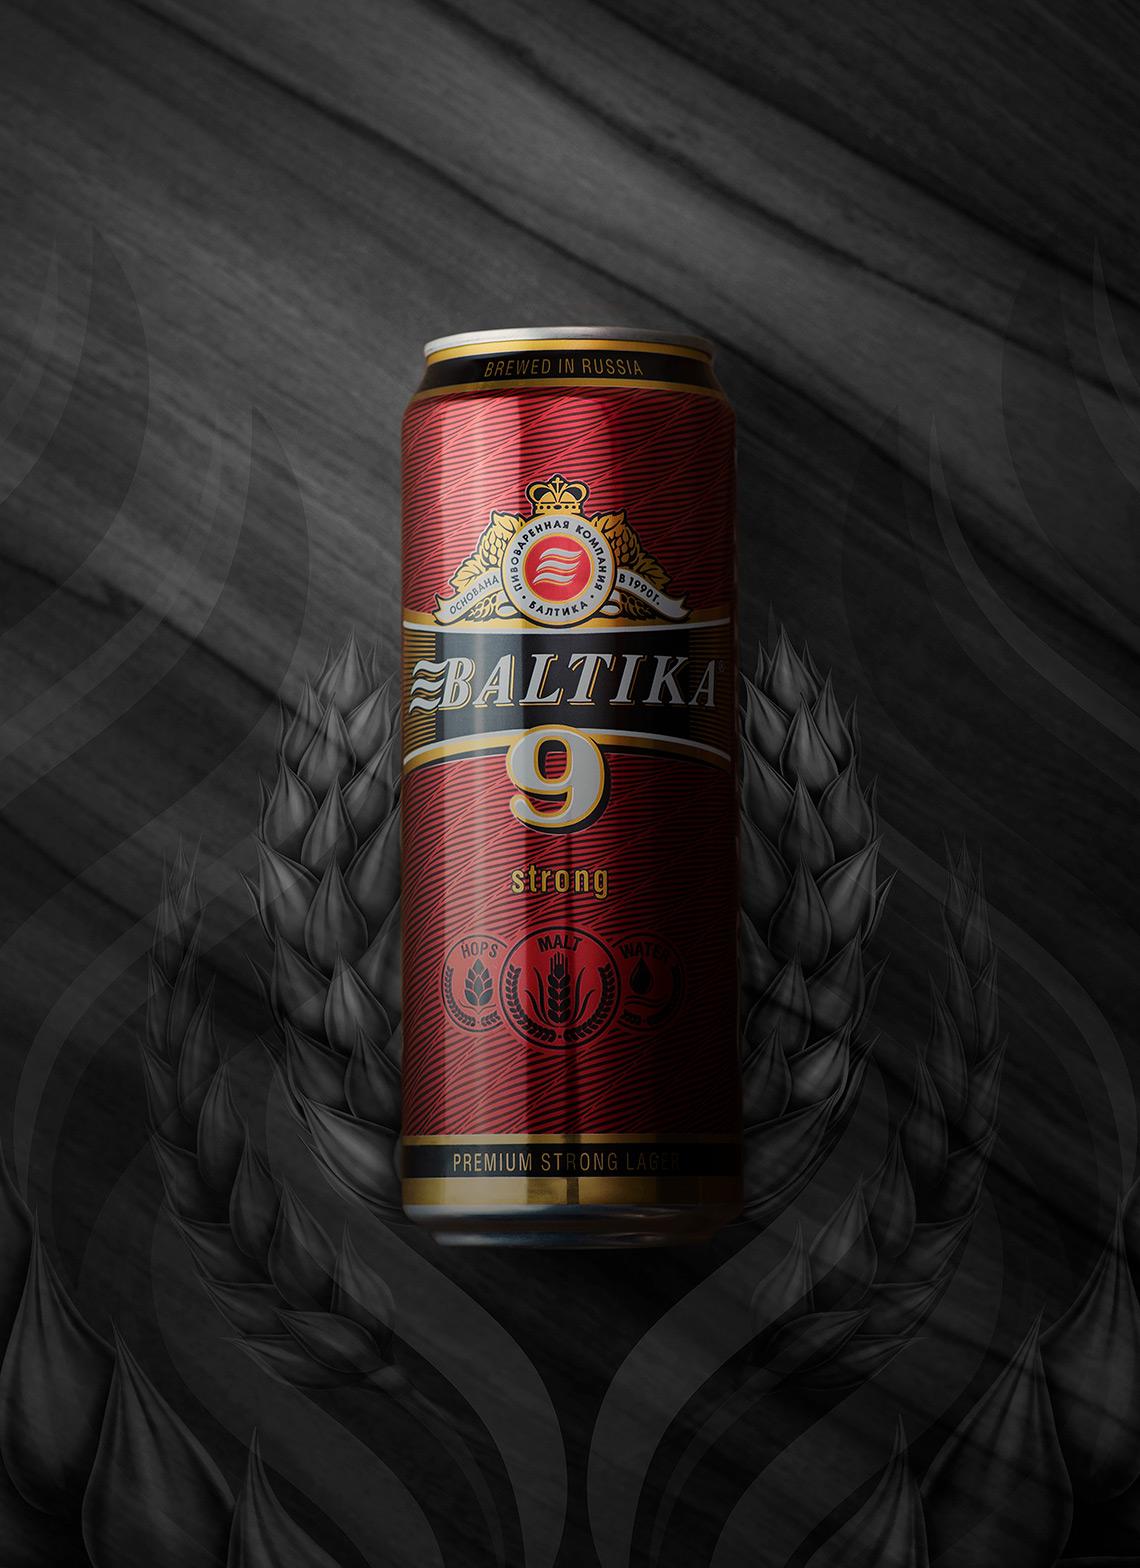 Fotografia publicitaria Cali Colombia - Baltika